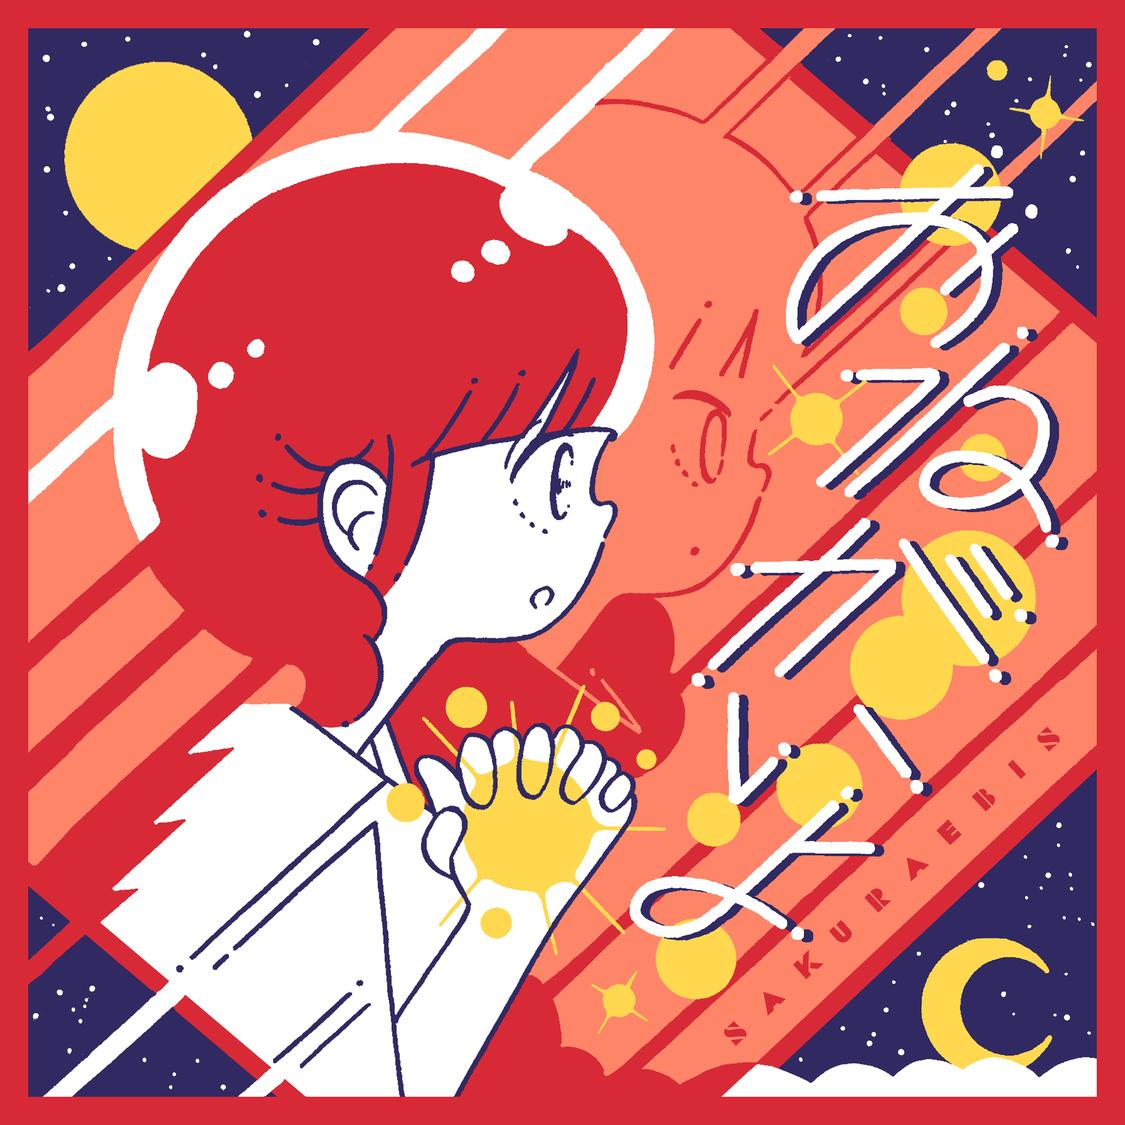 桜エビ〜ず、新曲「おねがいよ」を明日より配信スタート。作詞作曲はアカシックの理姫と奥脇達也!